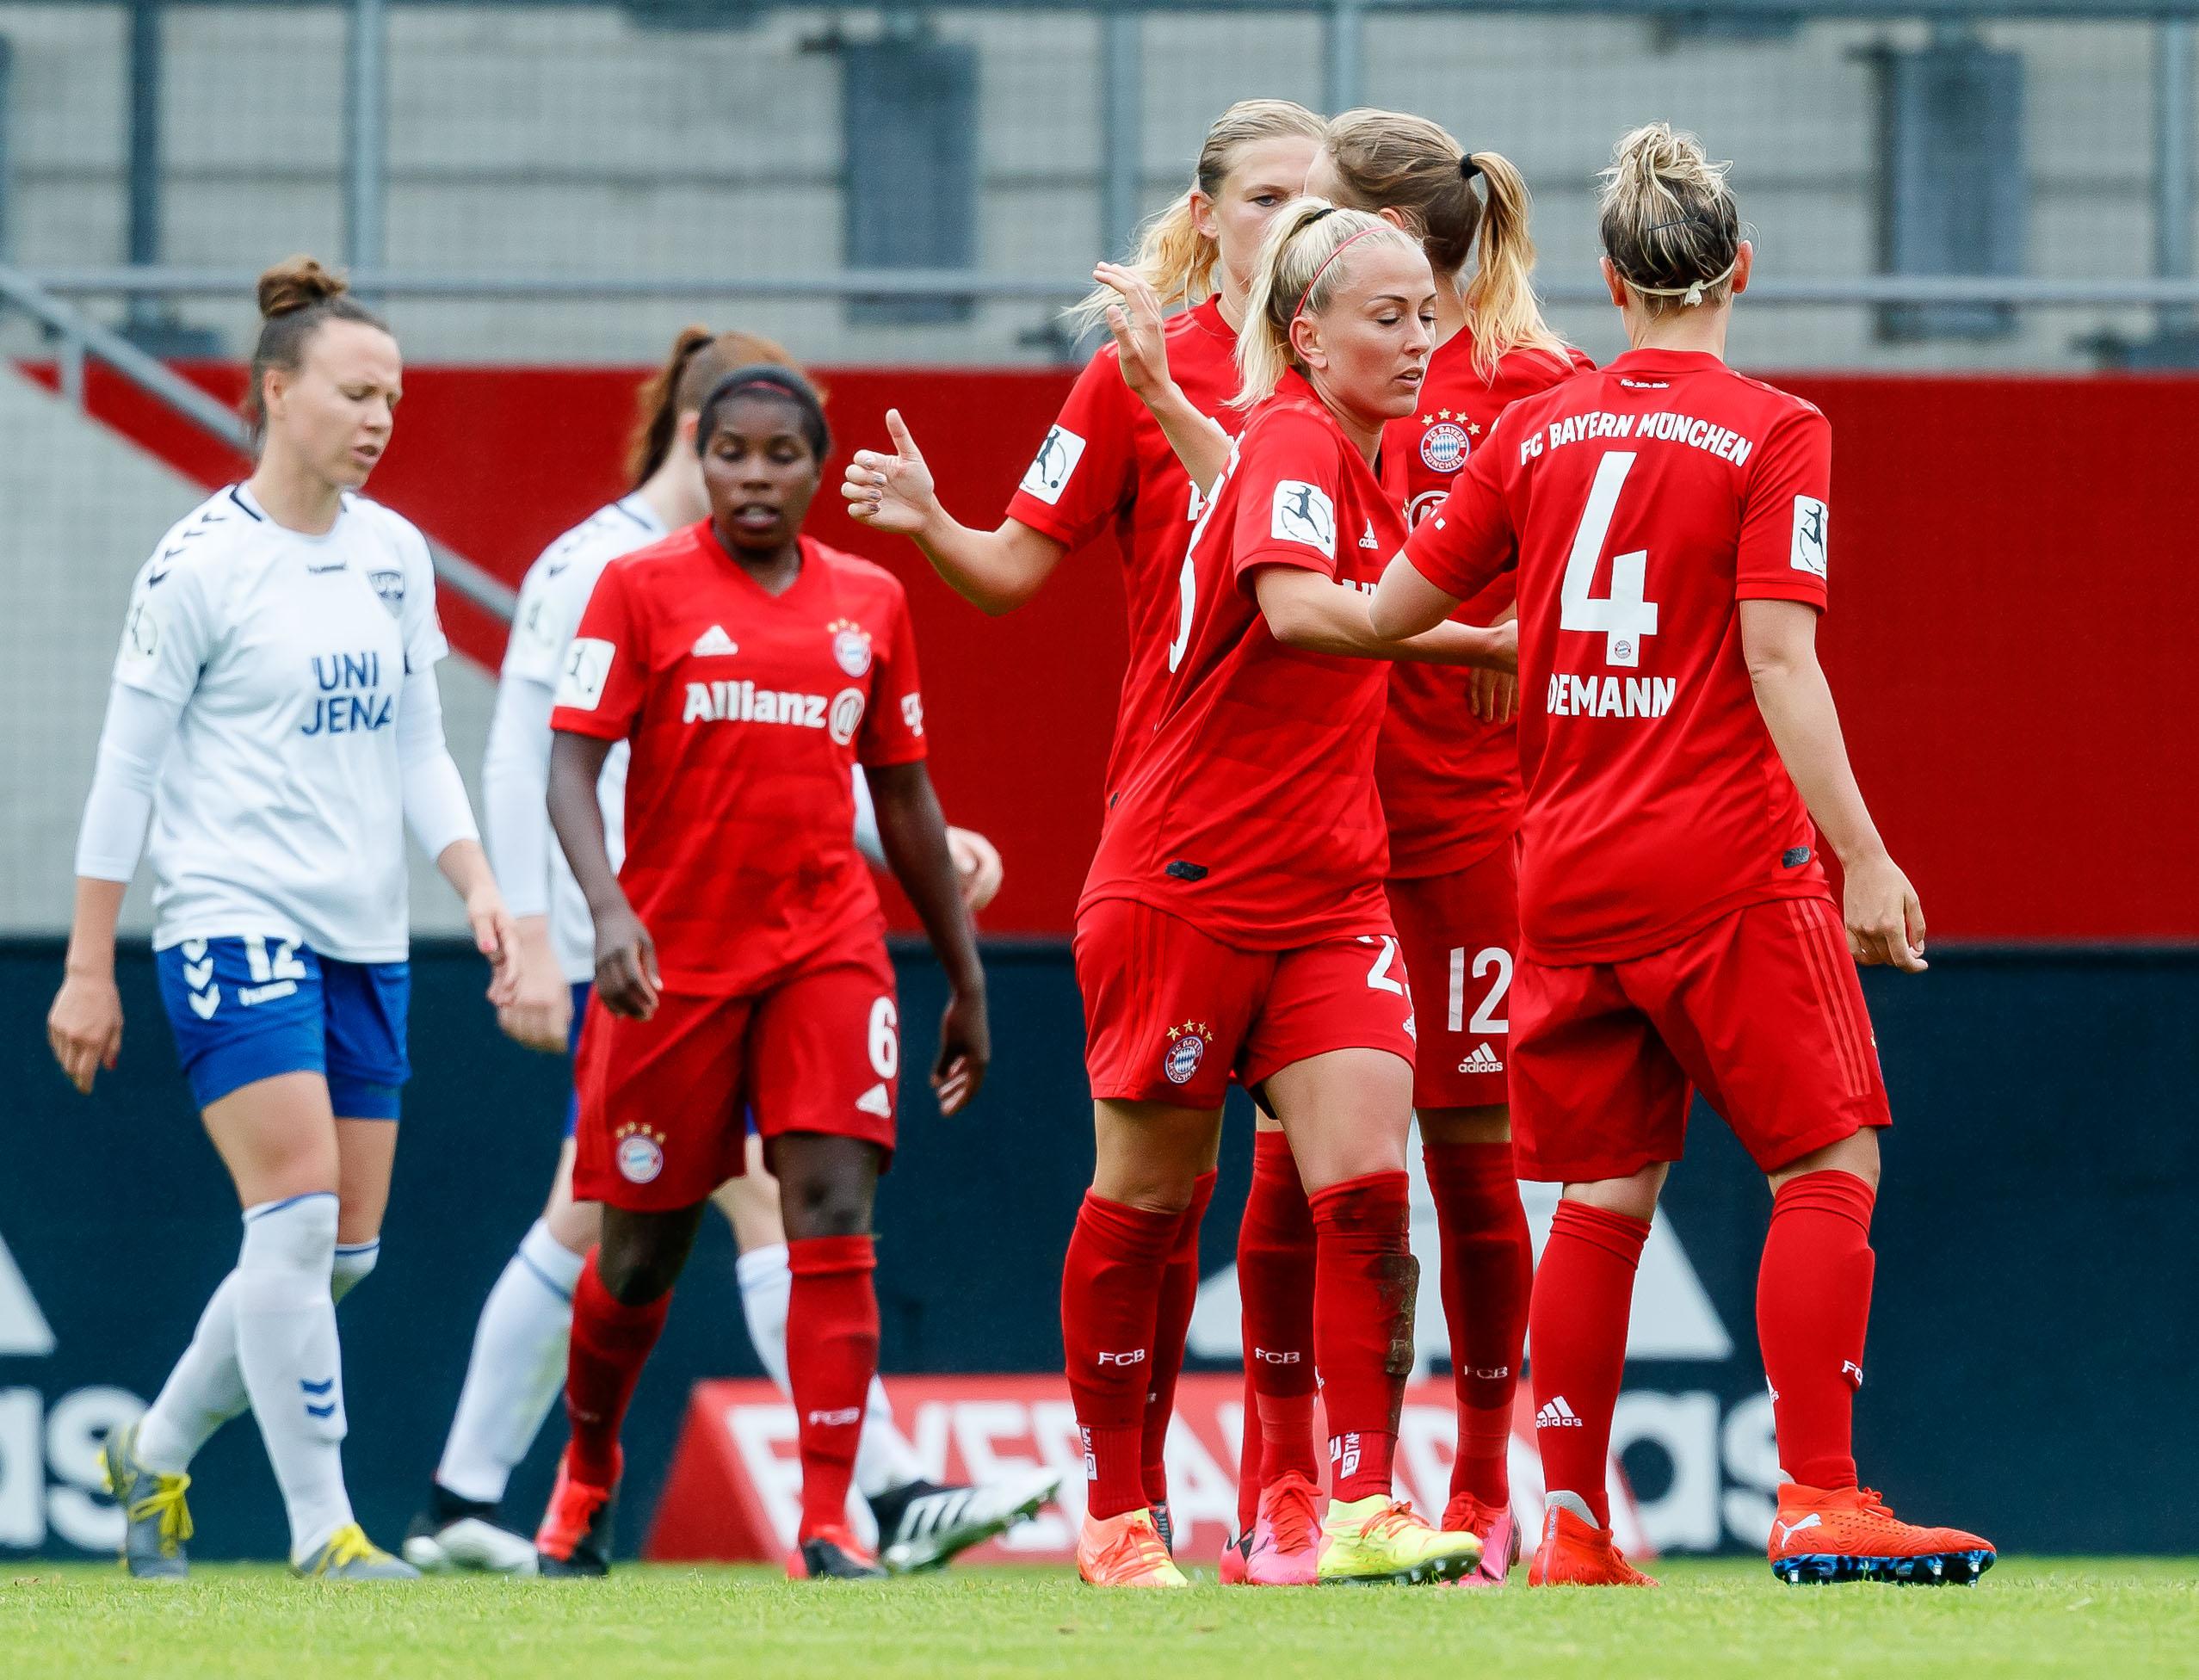 Bayern Muenchen Women's v FF USV Jena Women's - Flyeralarm Frauen-Bundesliga